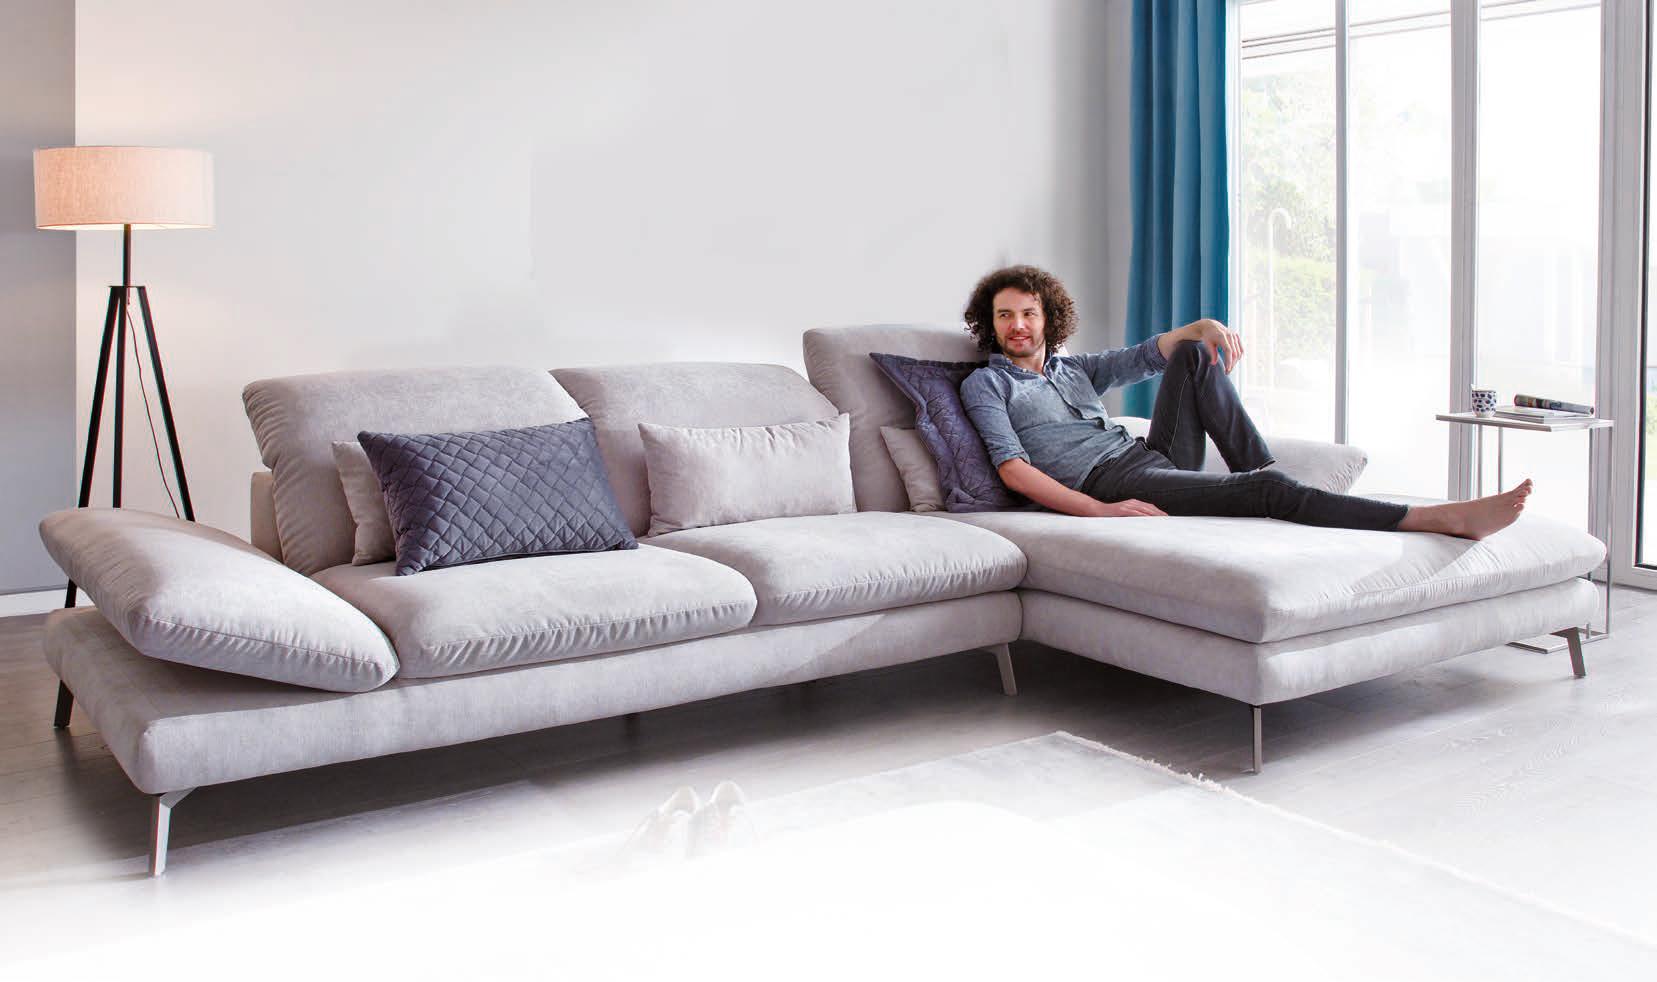 Full Size of Mondo Sofa Polstergarnitur Brik Ca 360x77 93x188 Cm Mbel Inhofer Big Sam Echtleder Sitzsack Hay Mags Rundes Stoff Grau Jugendzimmer Mit Schlaffunktion Sofa Mondo Sofa